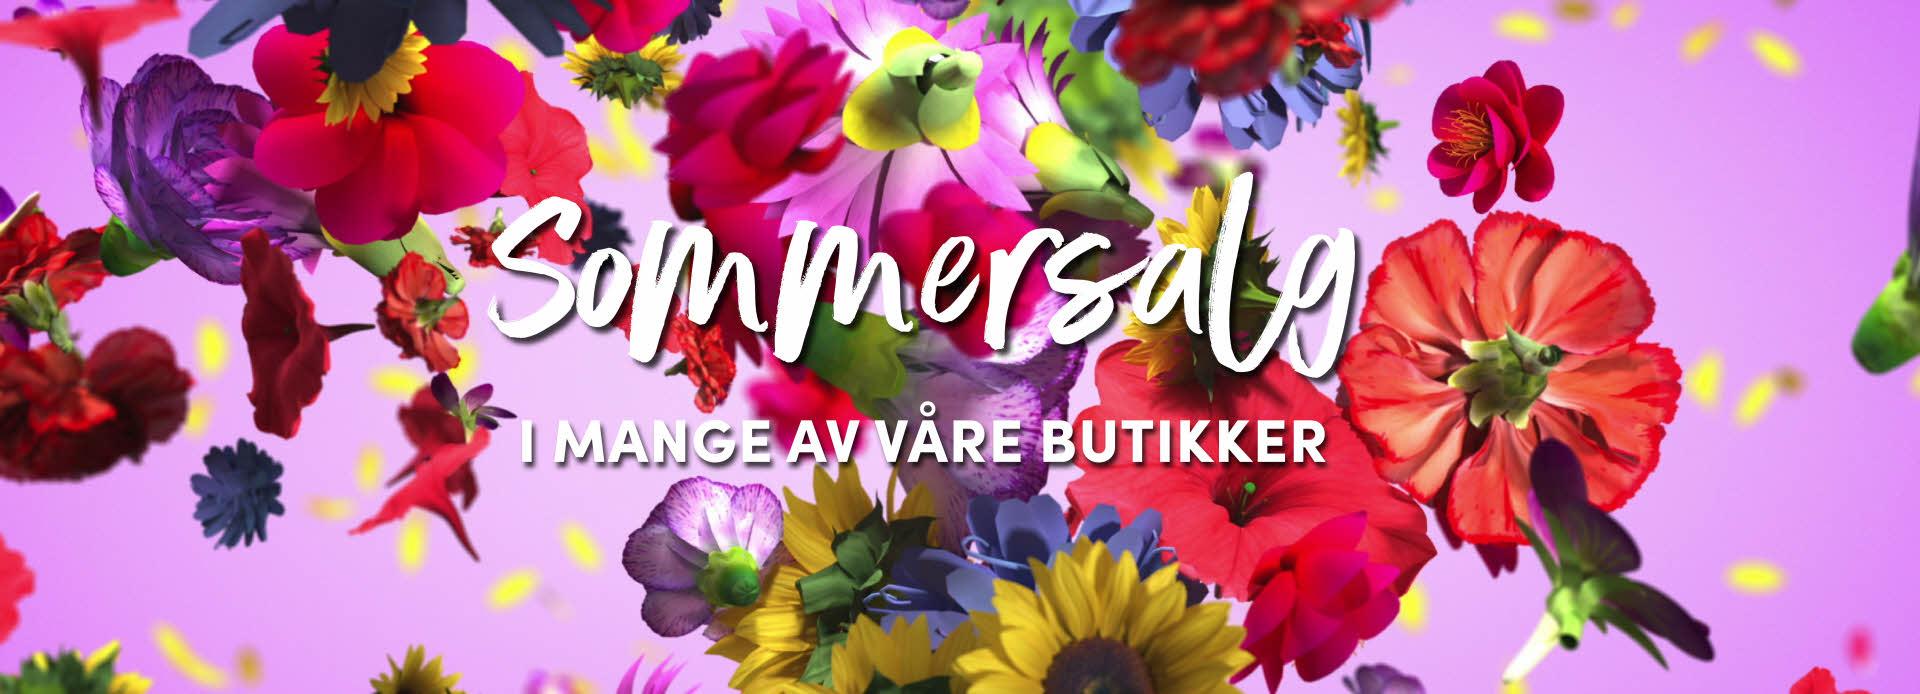 """Blomster i ulike farger på en lilla bakgrunn, og tekst """"sommersalg i mange av våre butikker"""" oppå"""